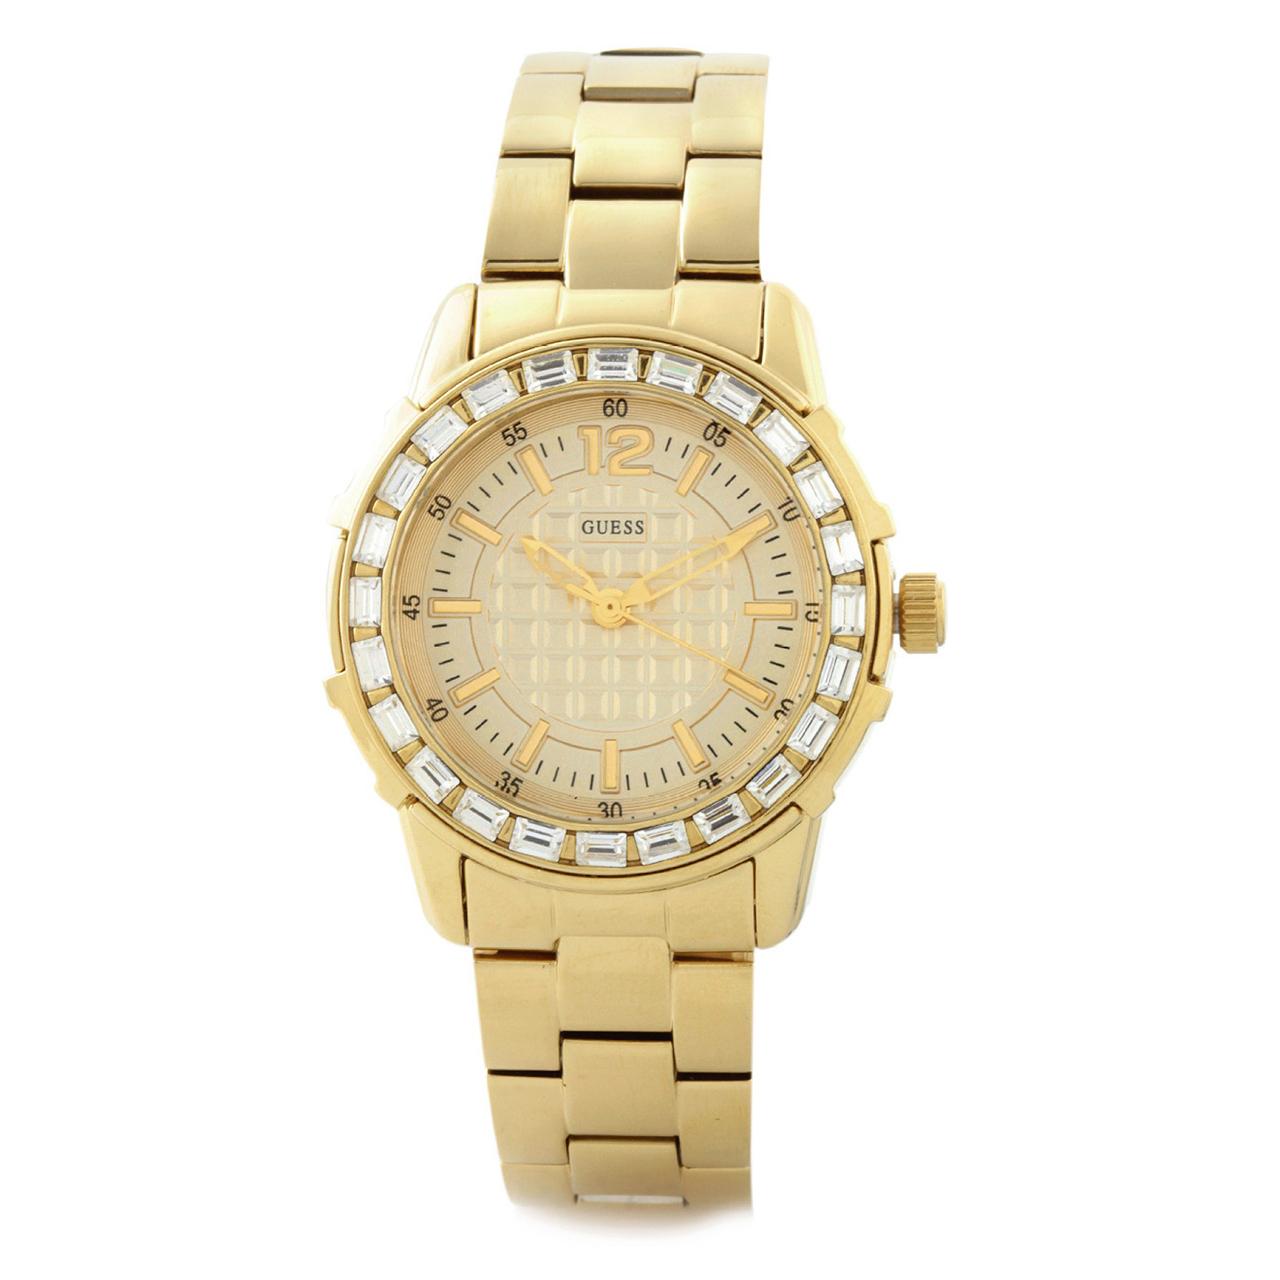 ساعت مچی عقربه ای زنانه گس مدل W0018L2